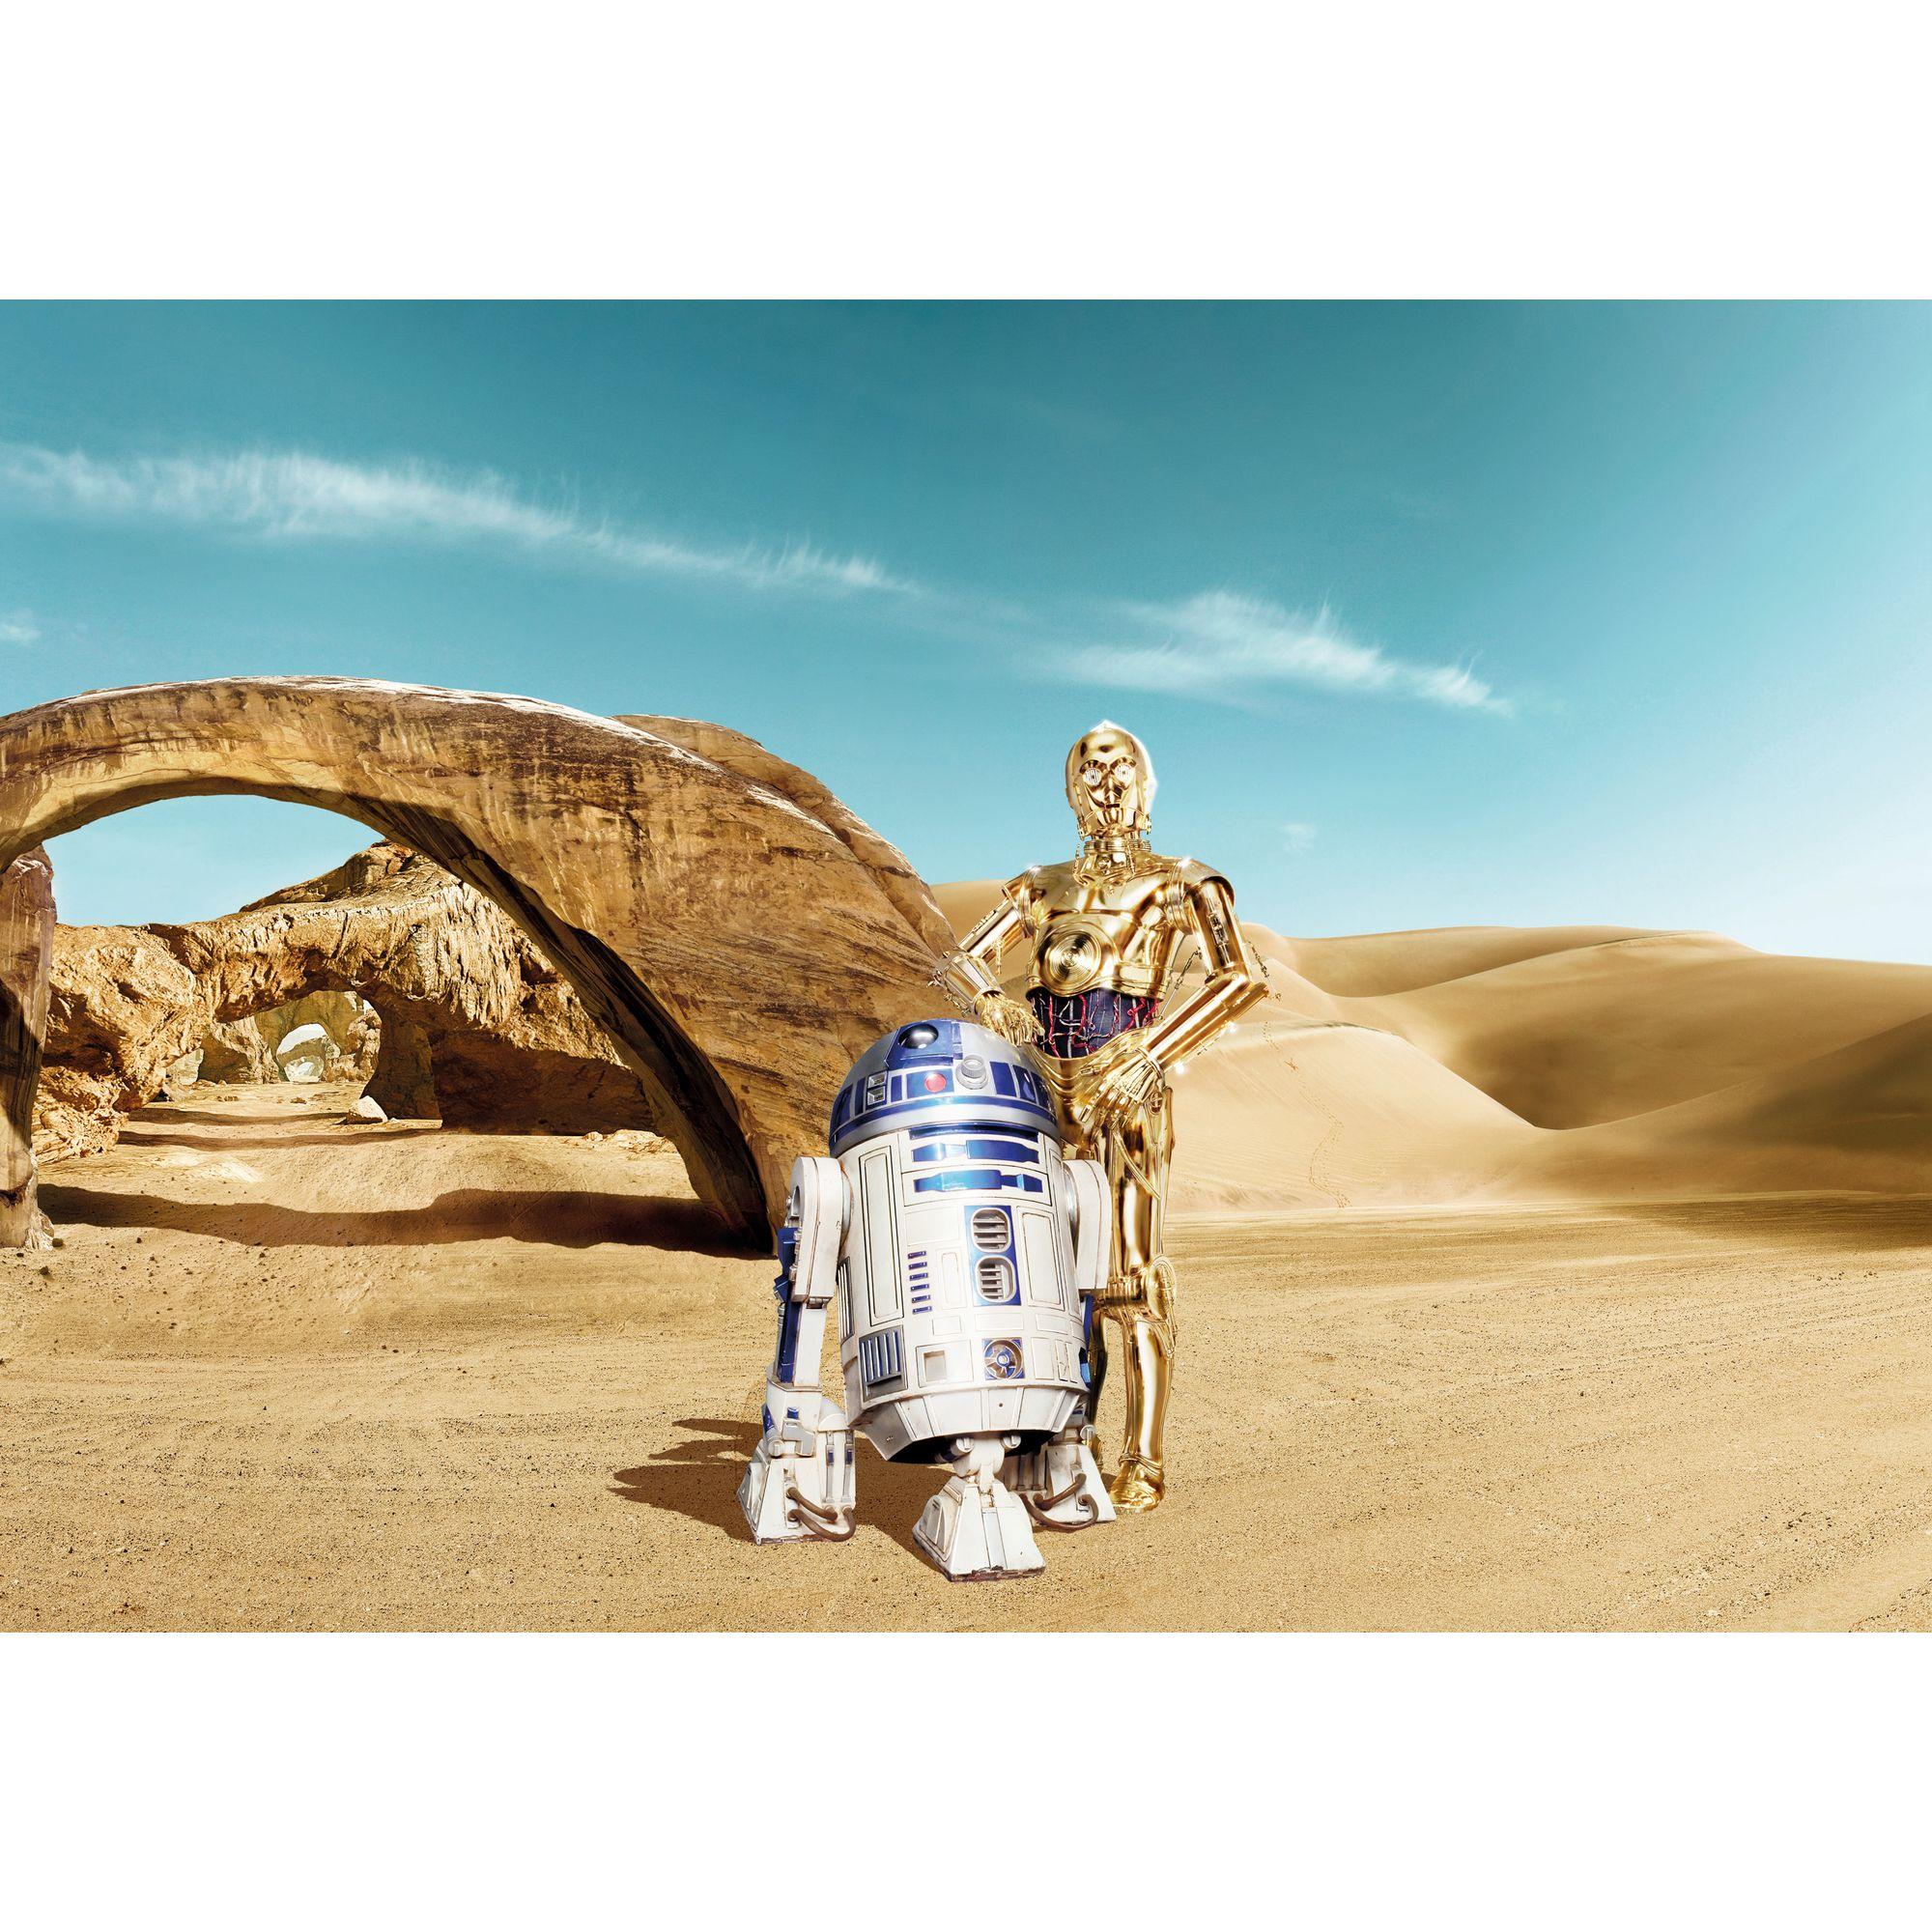 Фотопанно бумажное «Star Wars Droid» 368х254 см